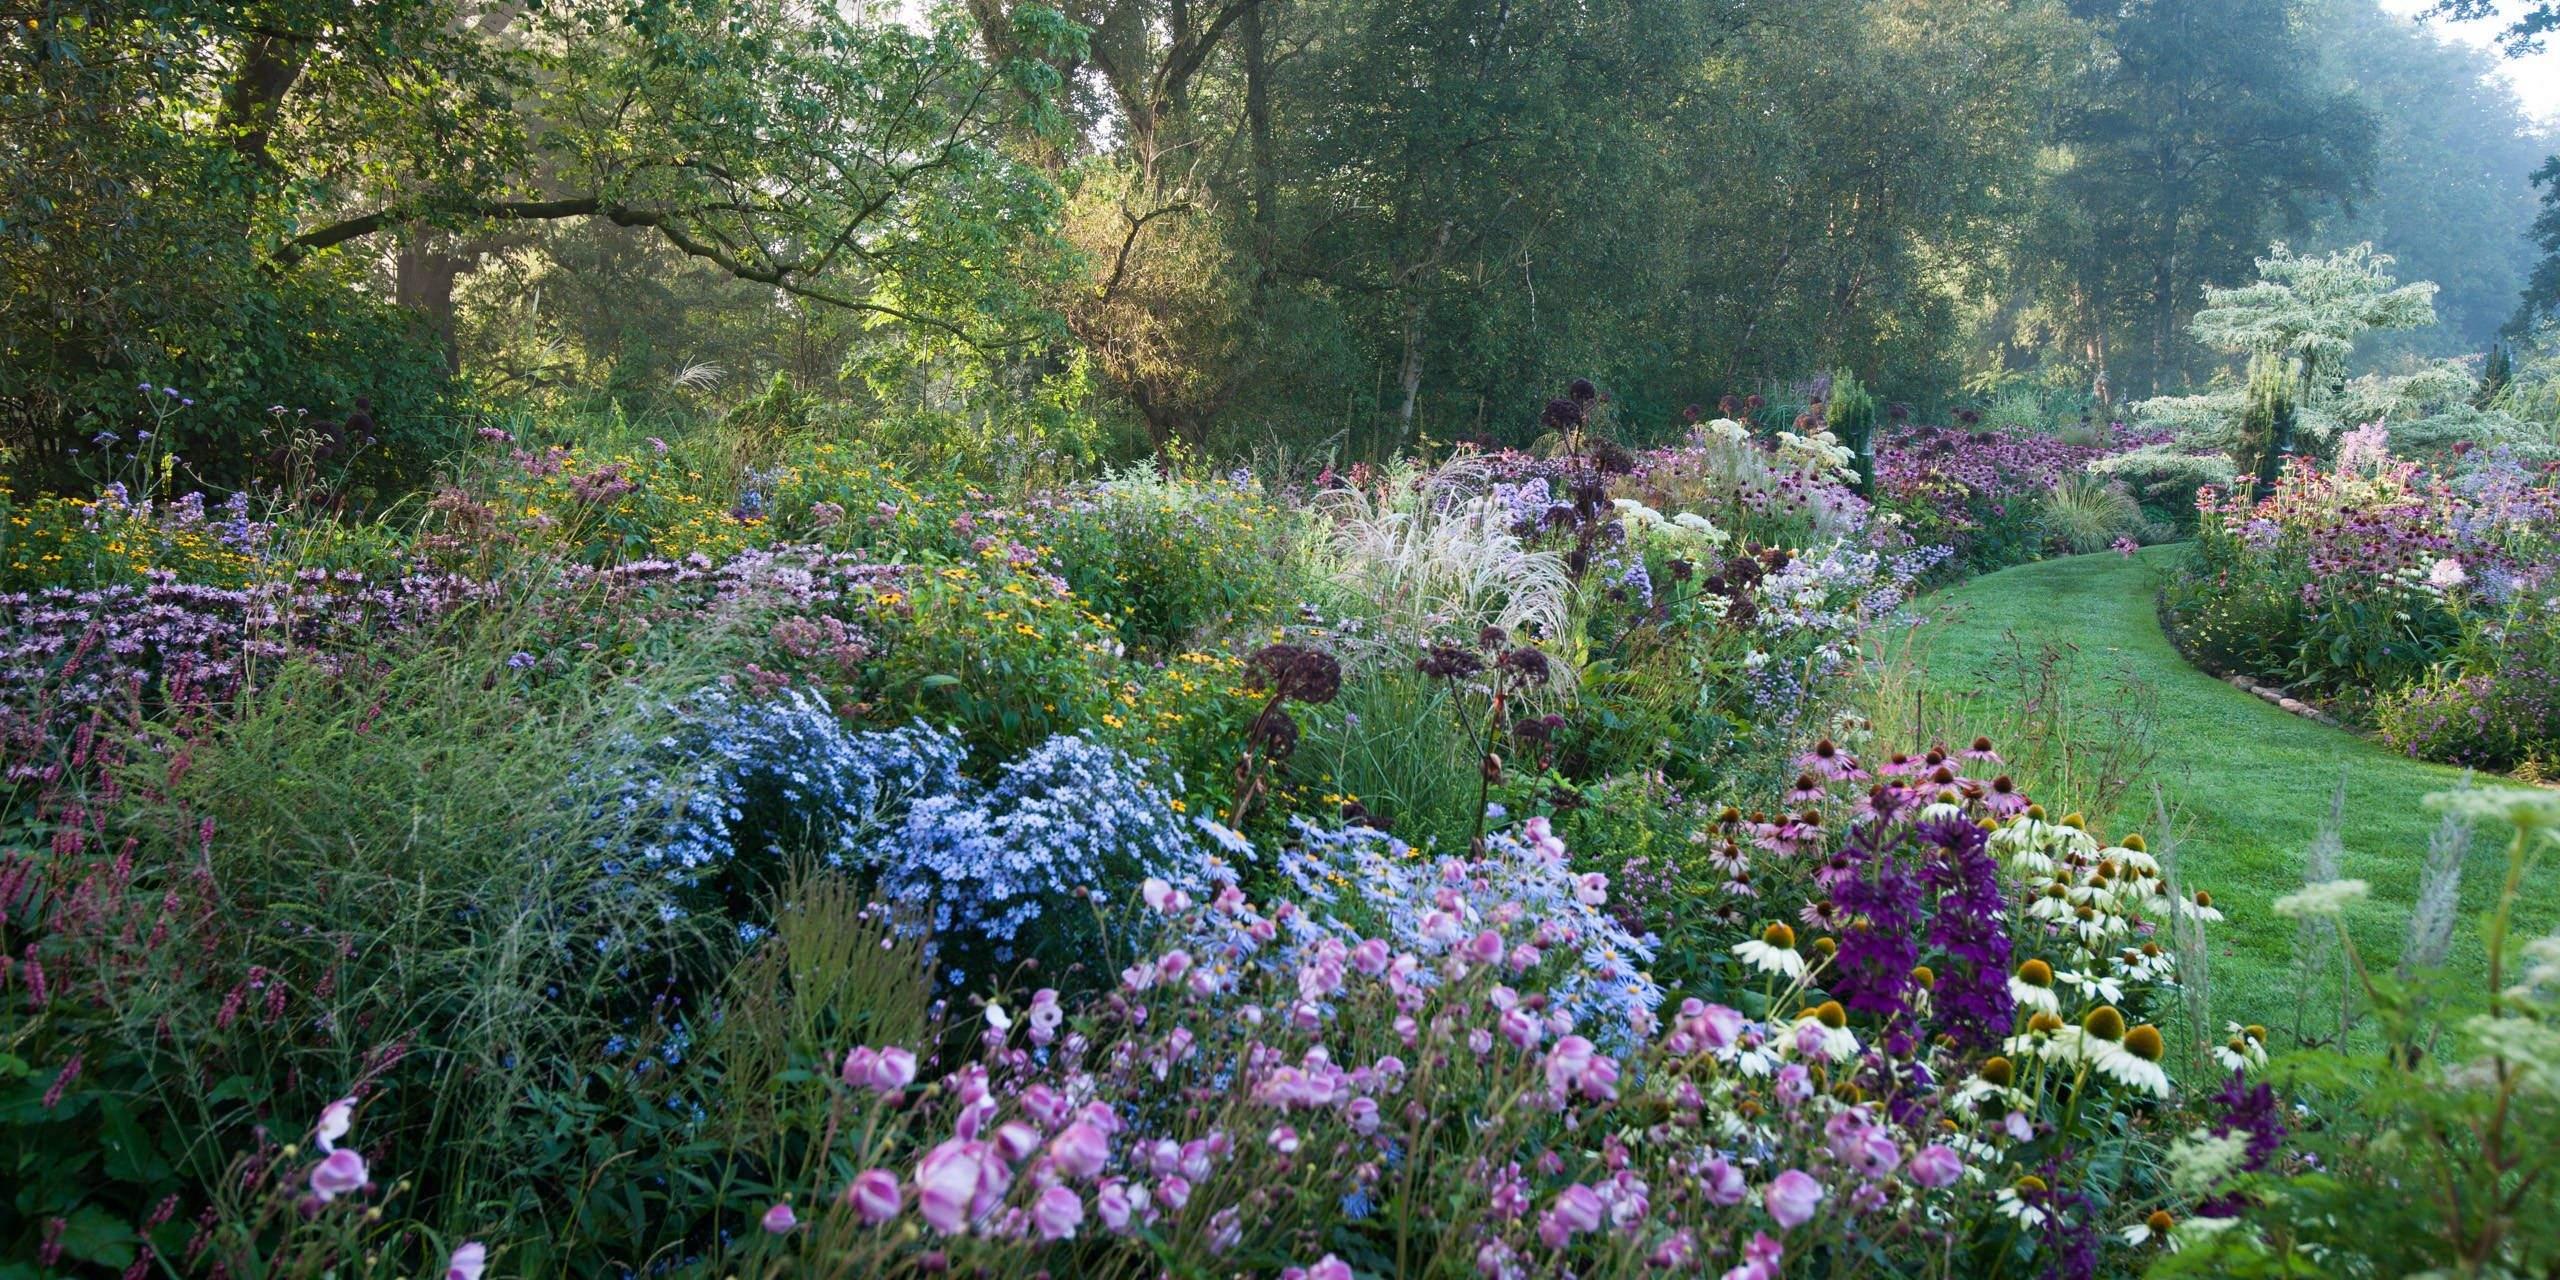 Garten Moorriem Einzigartig Garten Moorriem Bilder Besuchergarten Und Gärtnerei Bei